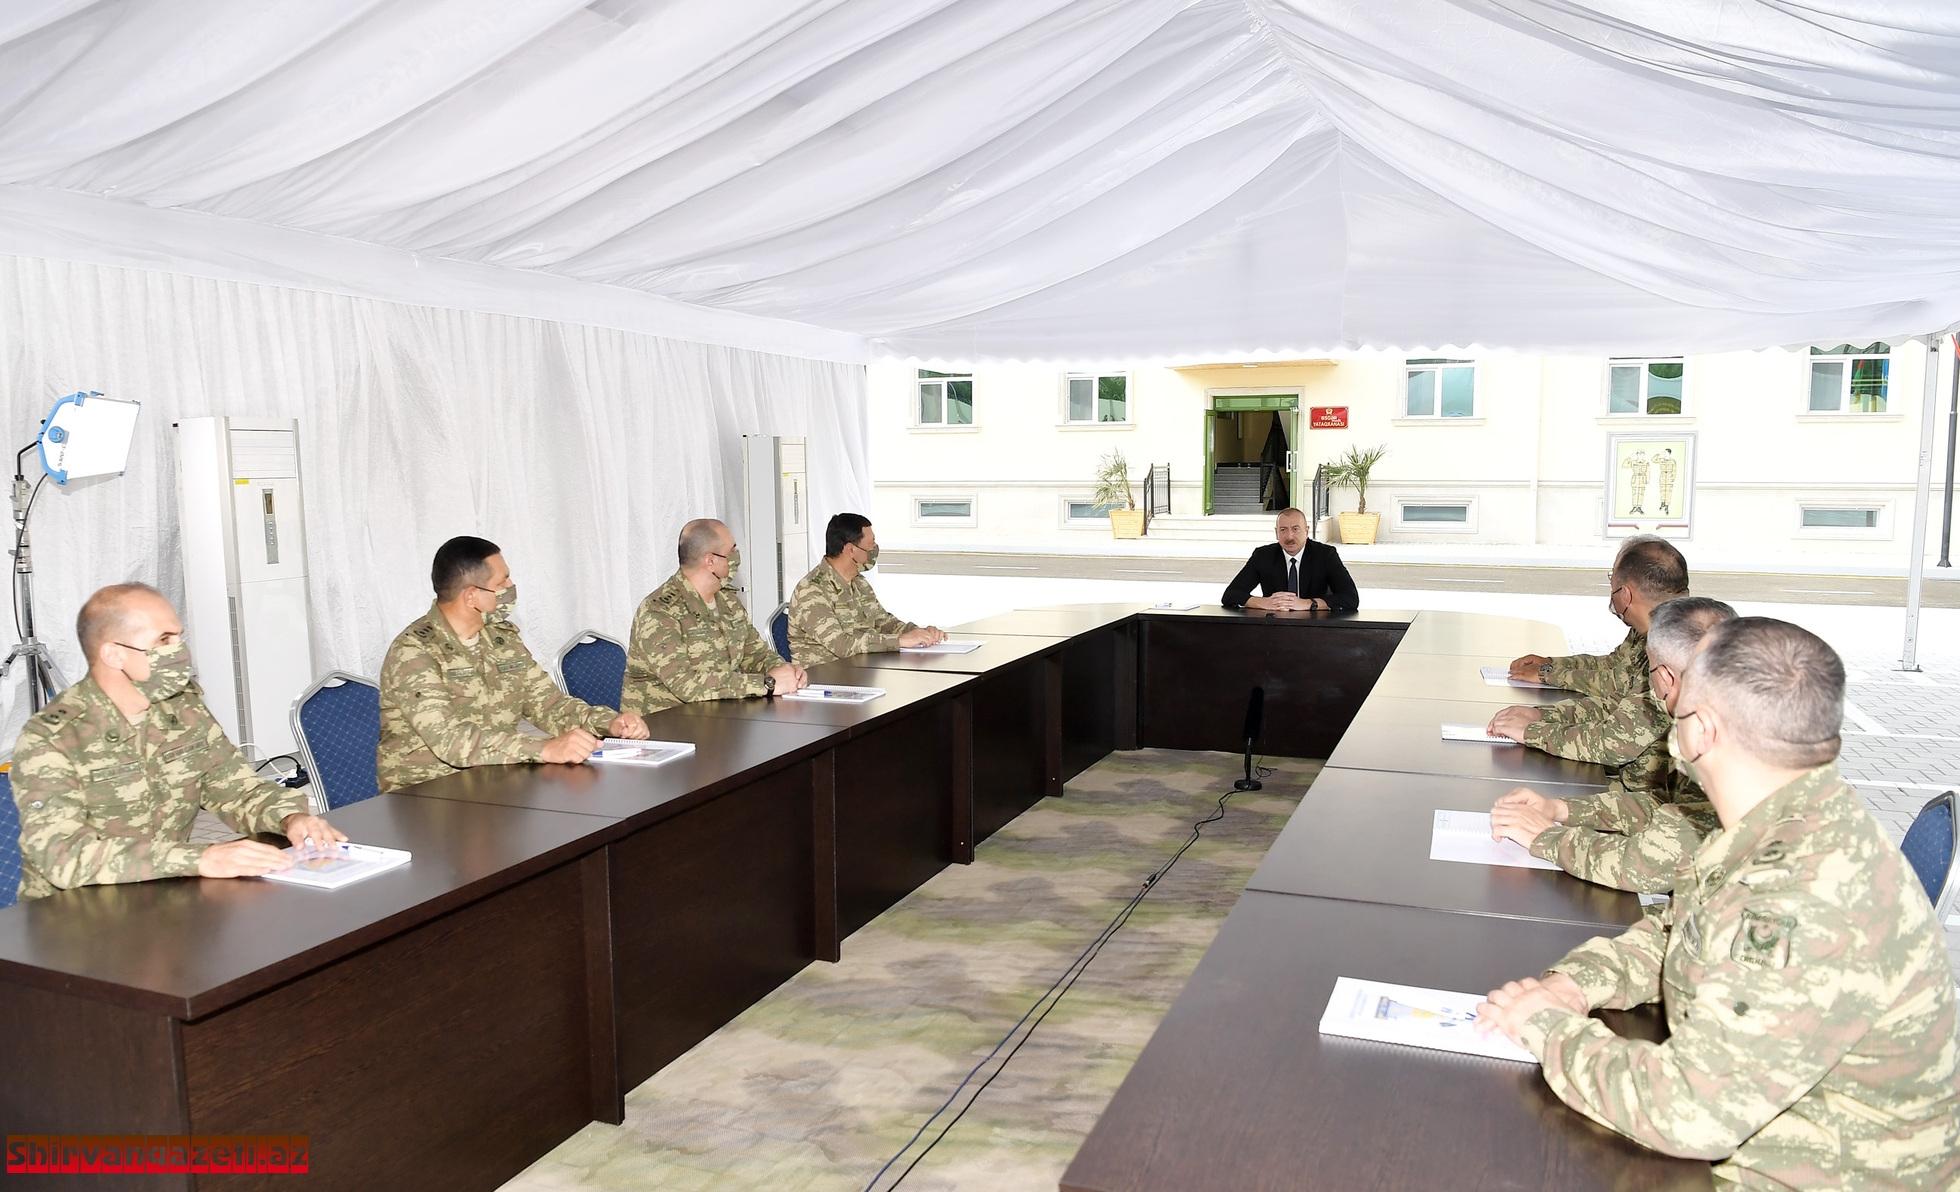 Bu gün Azərbaycan ordusu ən güclü ordular sırasındadır